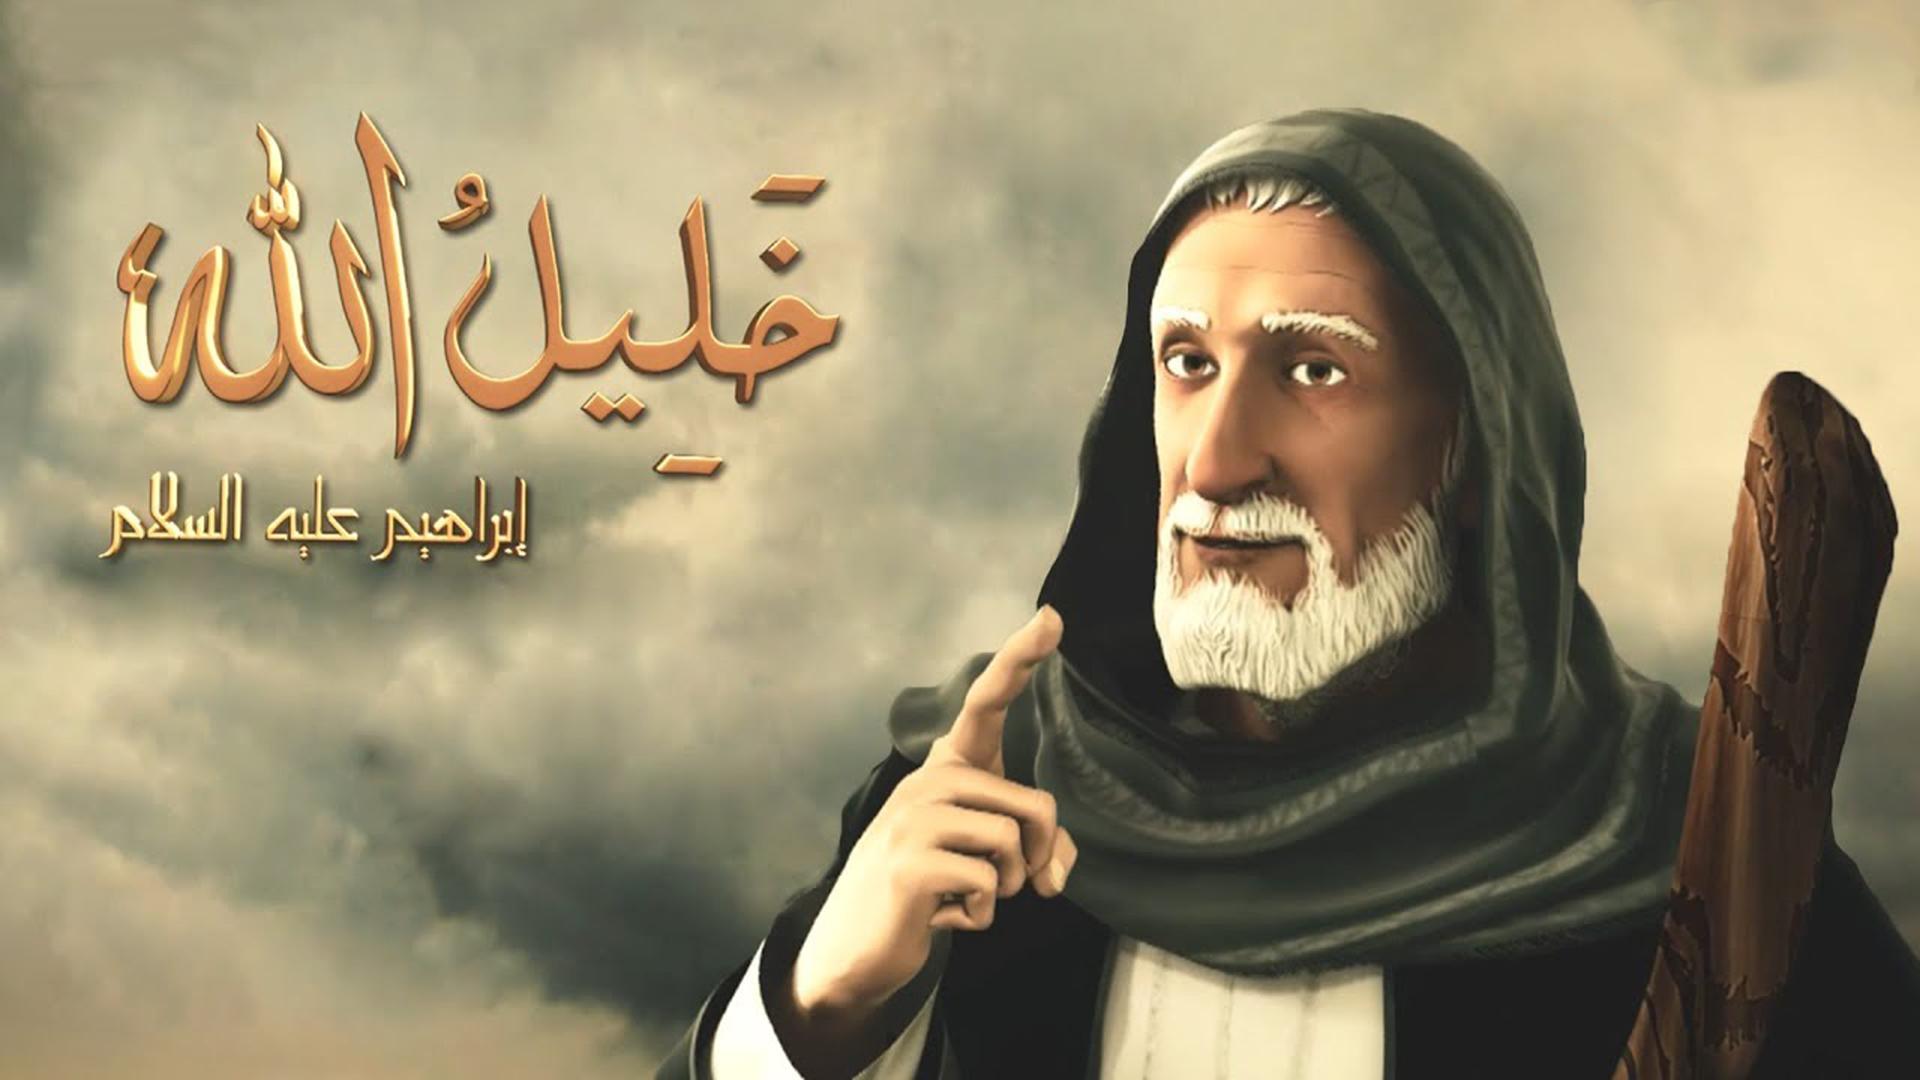 پێغهمبهر ئیبراهیم خلیل الله